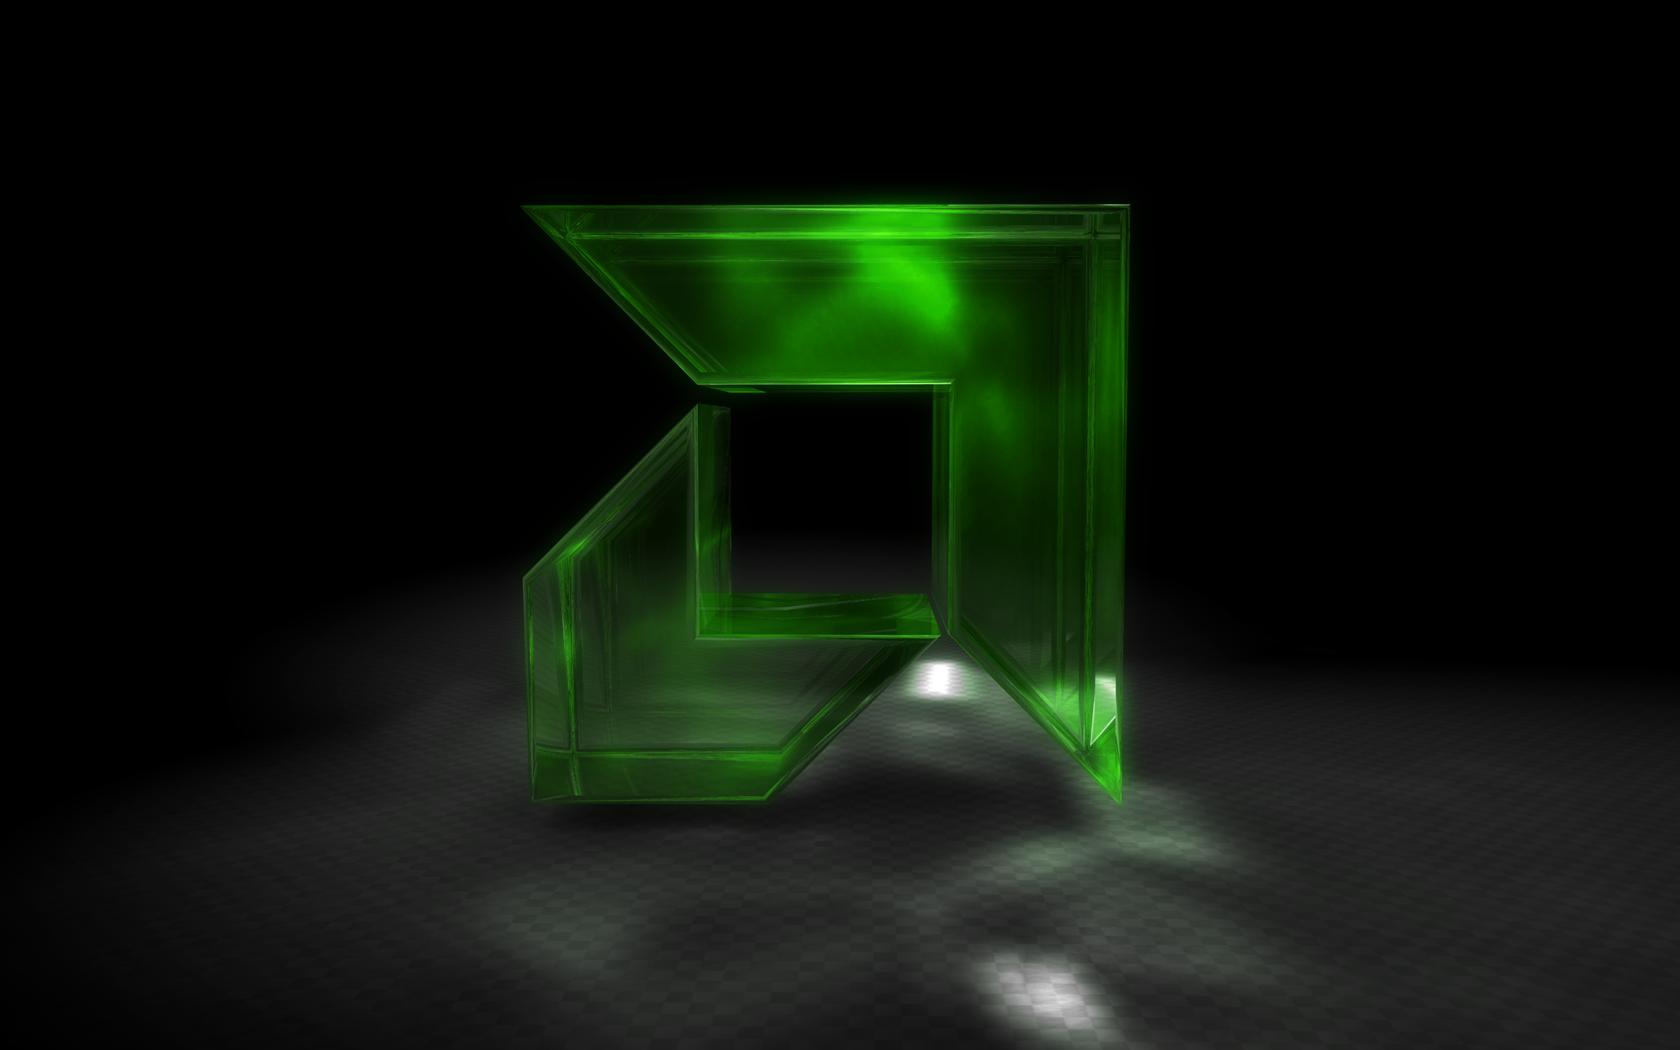 3d amd logo by Fabian4D